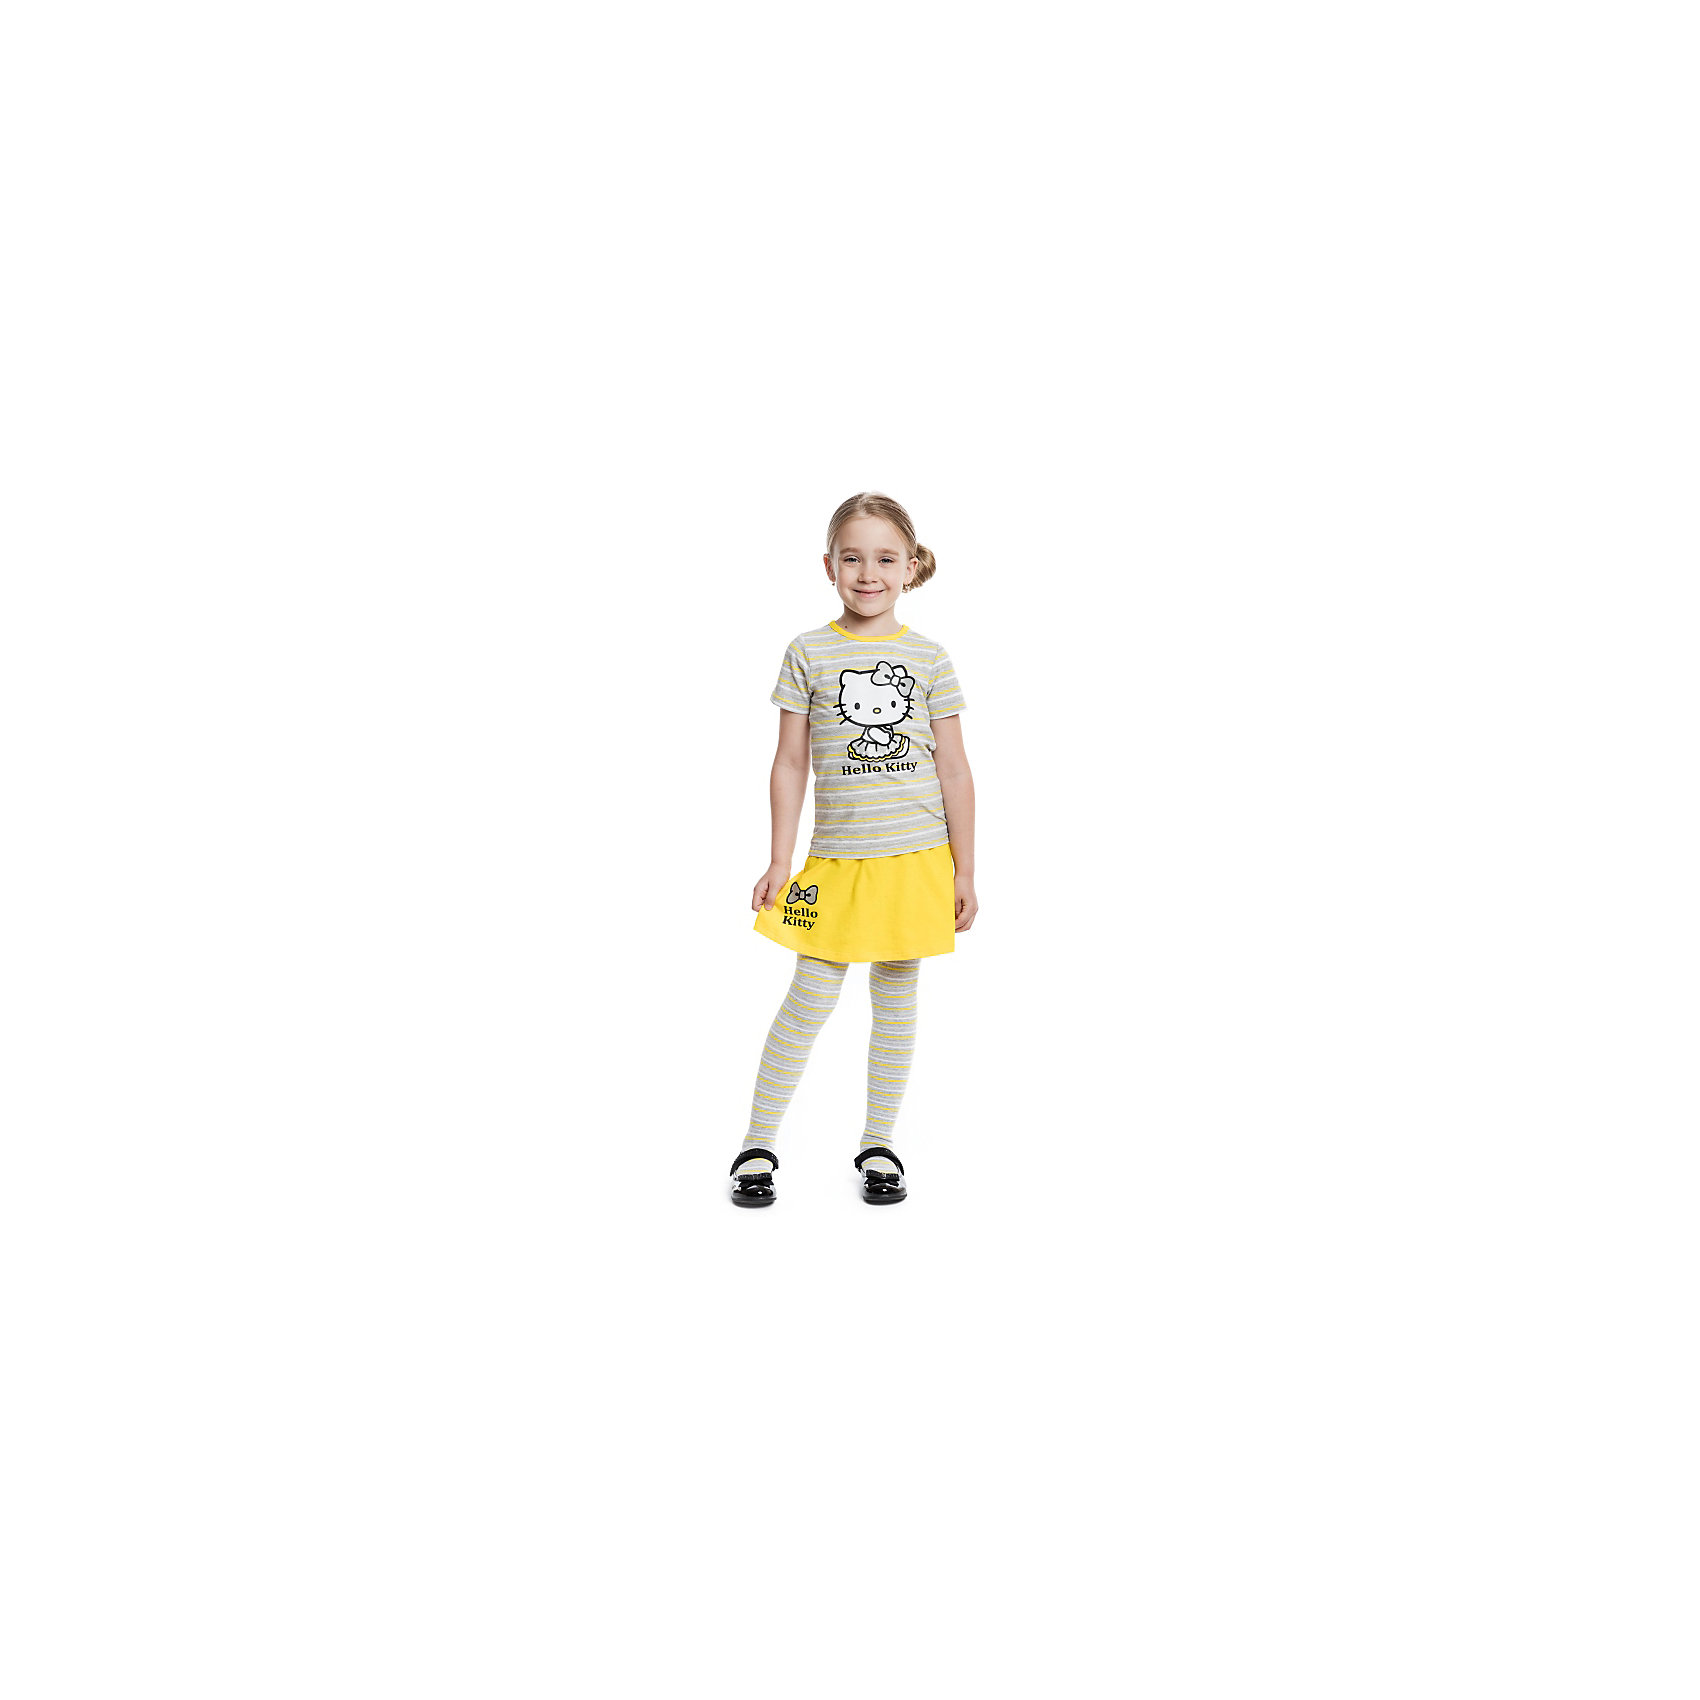 Комплект: футболка и юбка для девочки PlayTodayКомплект: футболка и юбка для девочки от известного бренда PlayToday.<br>Яркий комплект изх футболки с короткими рукавами и юбки. Футболка украшена лицензионным принтом Hello Kitty. Пояс юбки на мягкой резинке. Декорирована объемным бантиком и резиновым принтом с надписью.<br>Состав:<br>95% хлопок, 5% эластан<br><br>Ширина мм: 207<br>Глубина мм: 10<br>Высота мм: 189<br>Вес г: 183<br>Цвет: разноцветный<br>Возраст от месяцев: 84<br>Возраст до месяцев: 96<br>Пол: Женский<br>Возраст: Детский<br>Размер: 128,104,110,116,98,122<br>SKU: 4897159